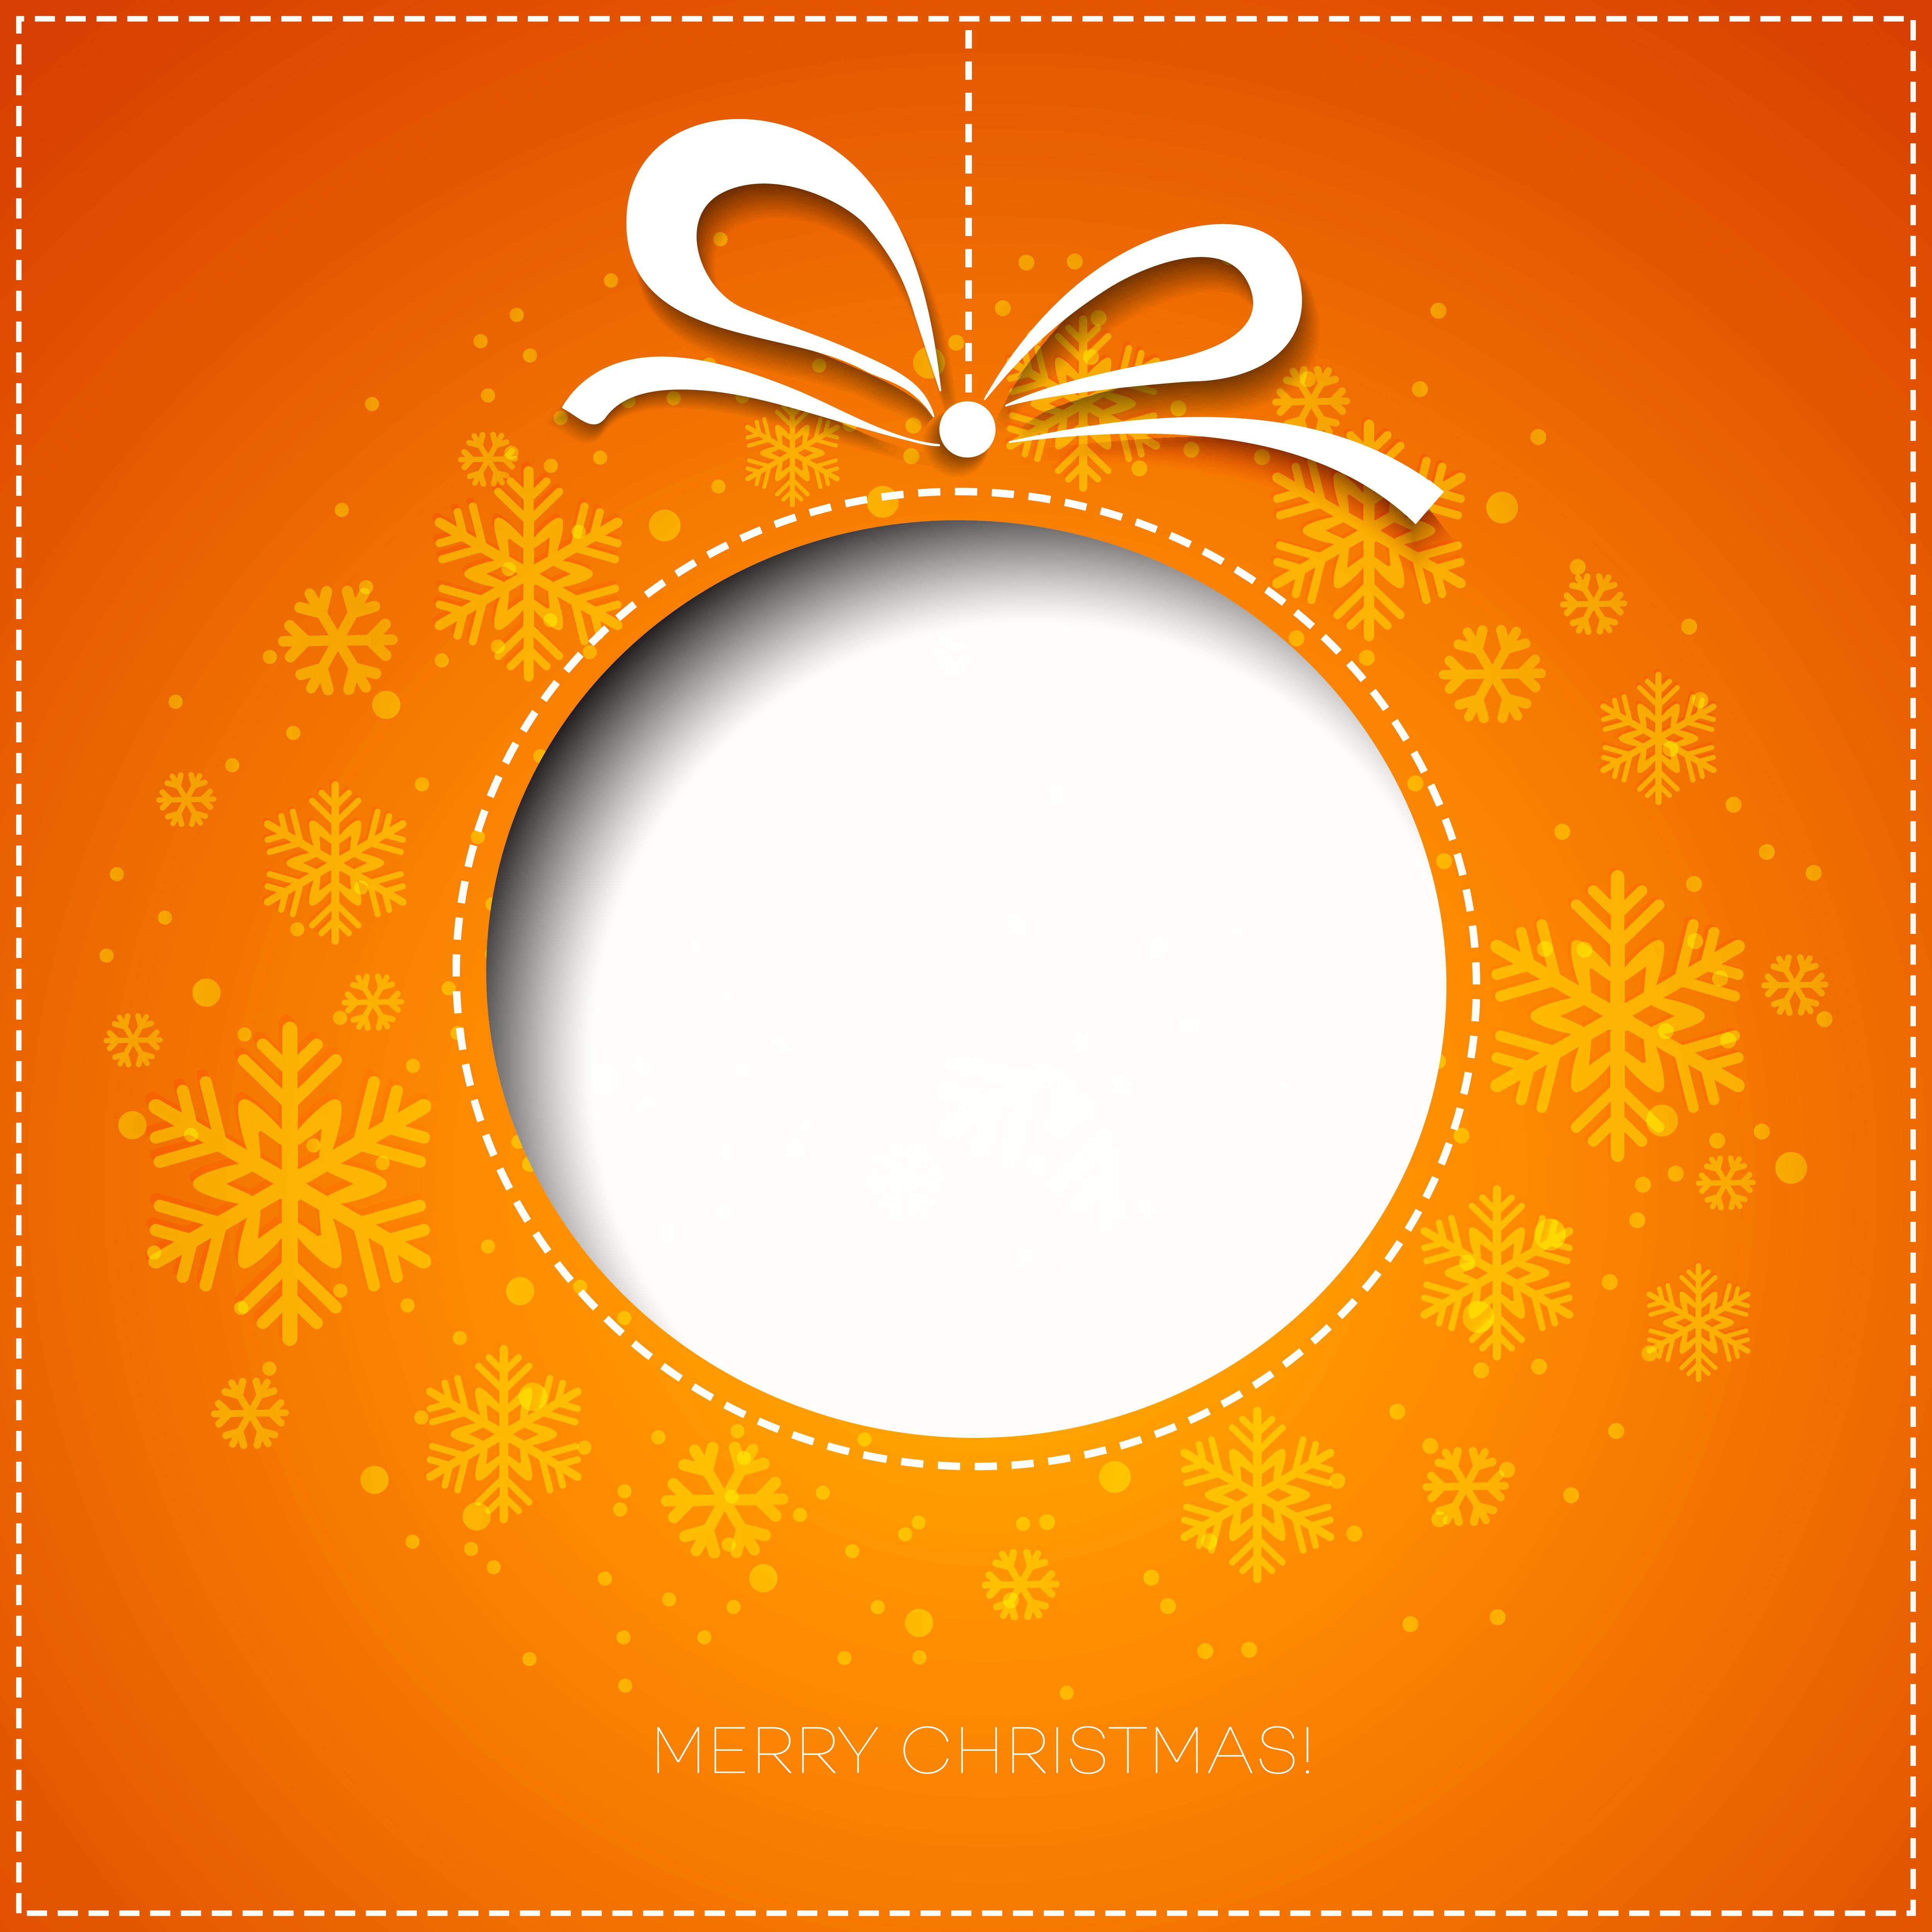 Adornos en tu postales de navidad para que sean originales - Adornos navidad originales ...